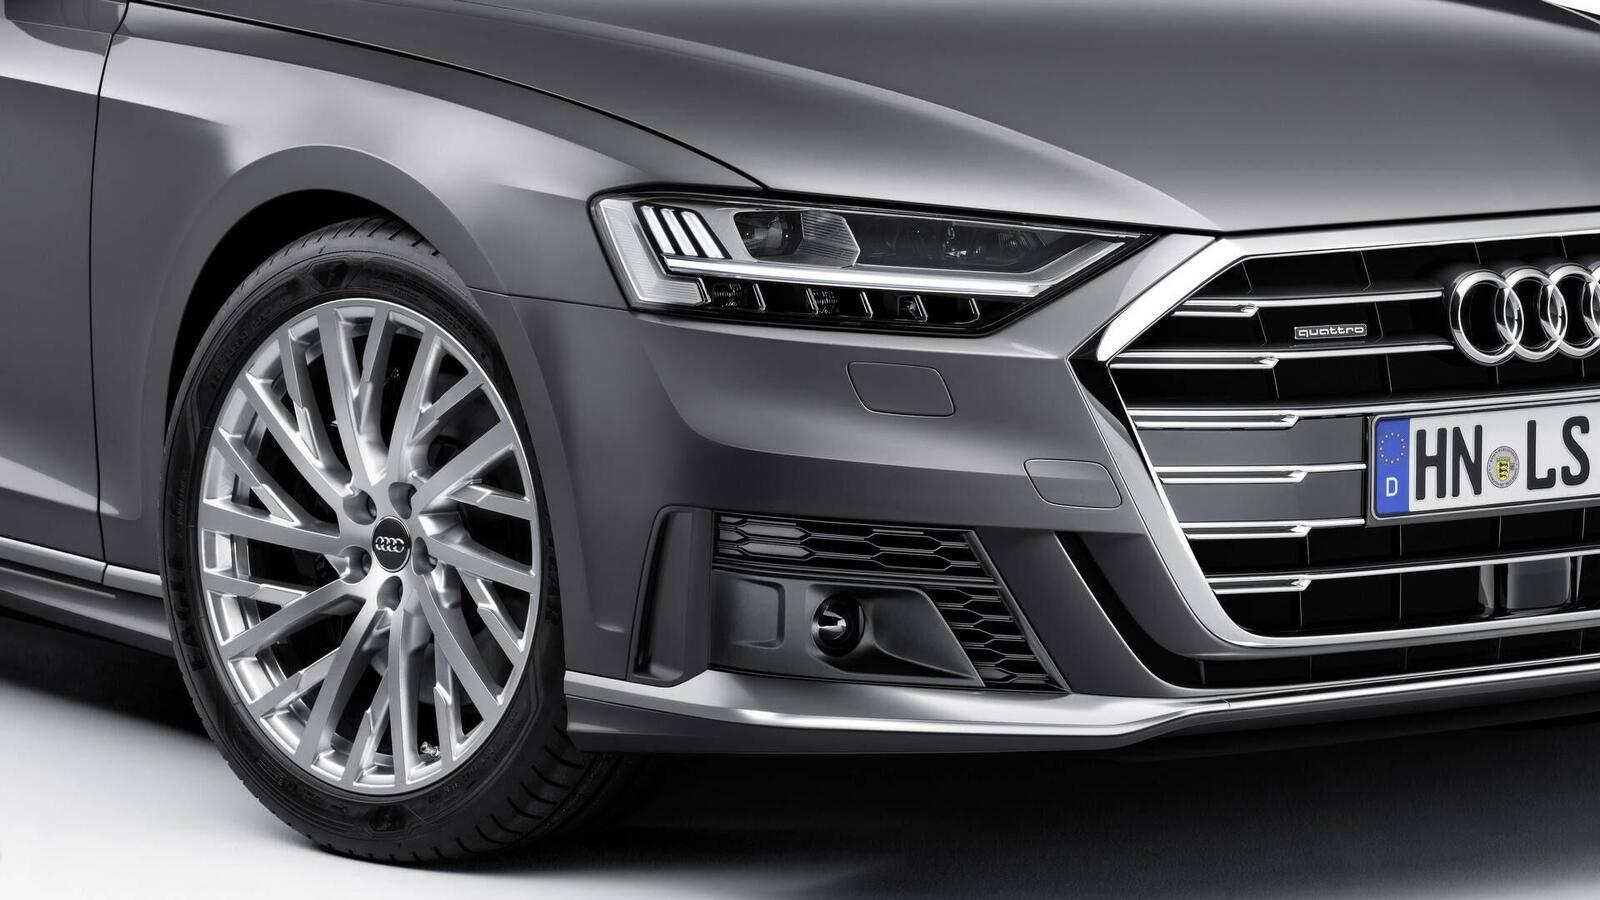 Audi thêm một số trang bị cho A8 2018 - Hình 10